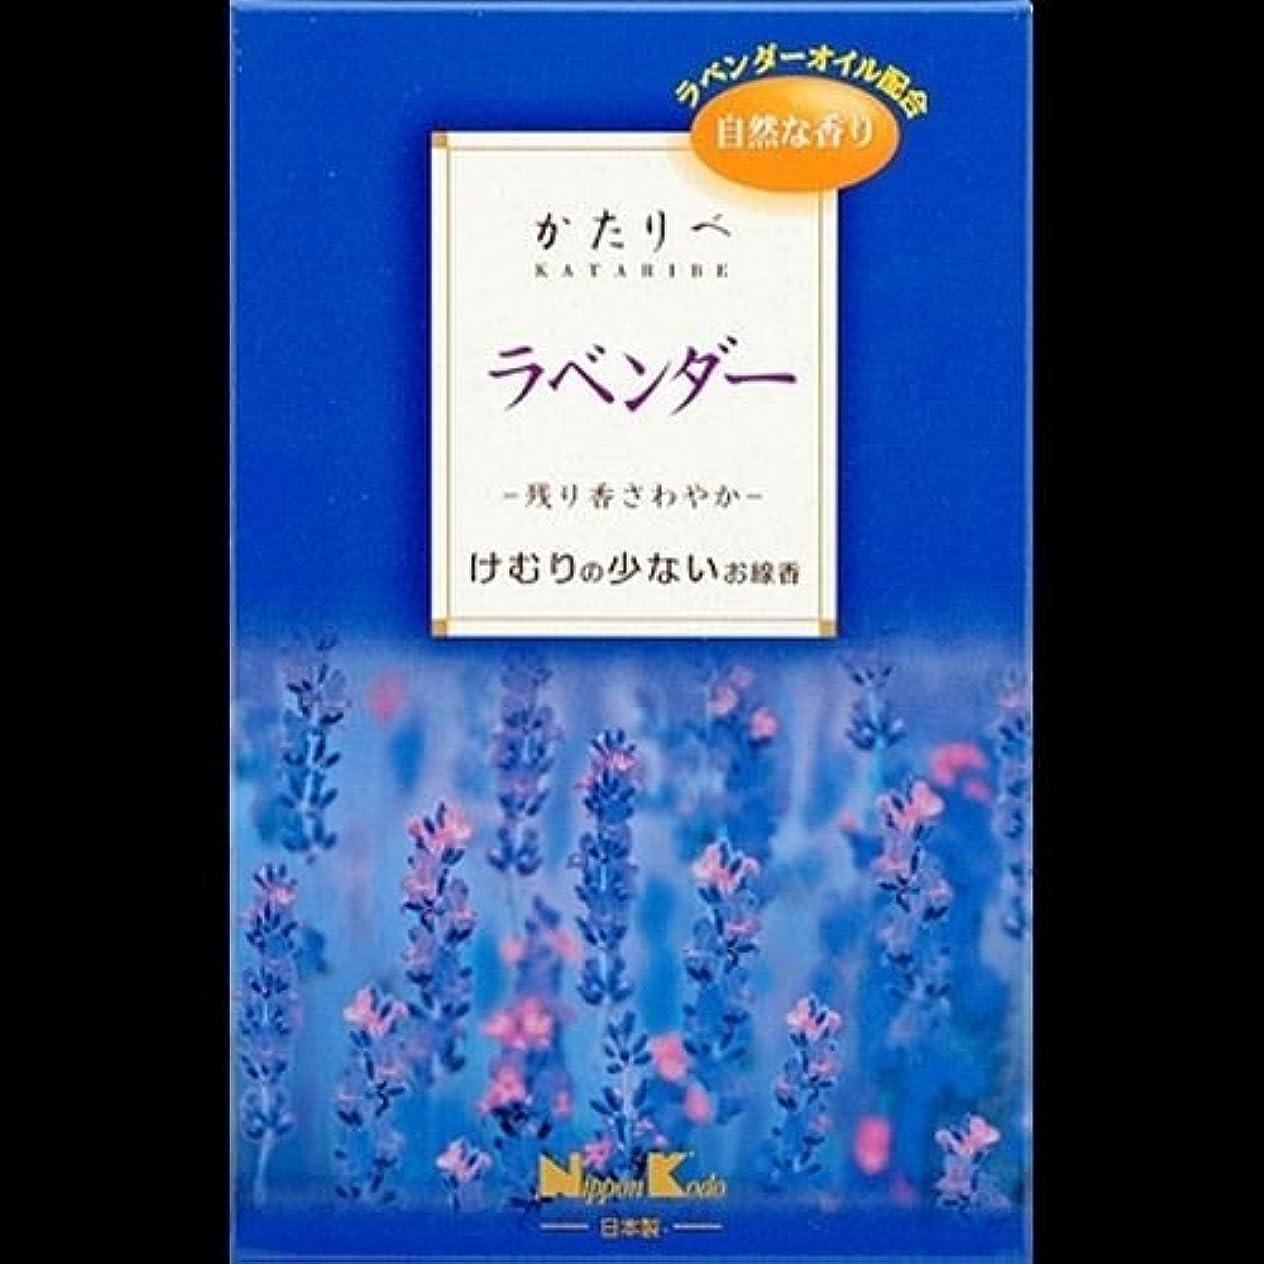 電報神社吸収剤【まとめ買い】かたりべ ラベンダー 大型バラ詰 ×2セット